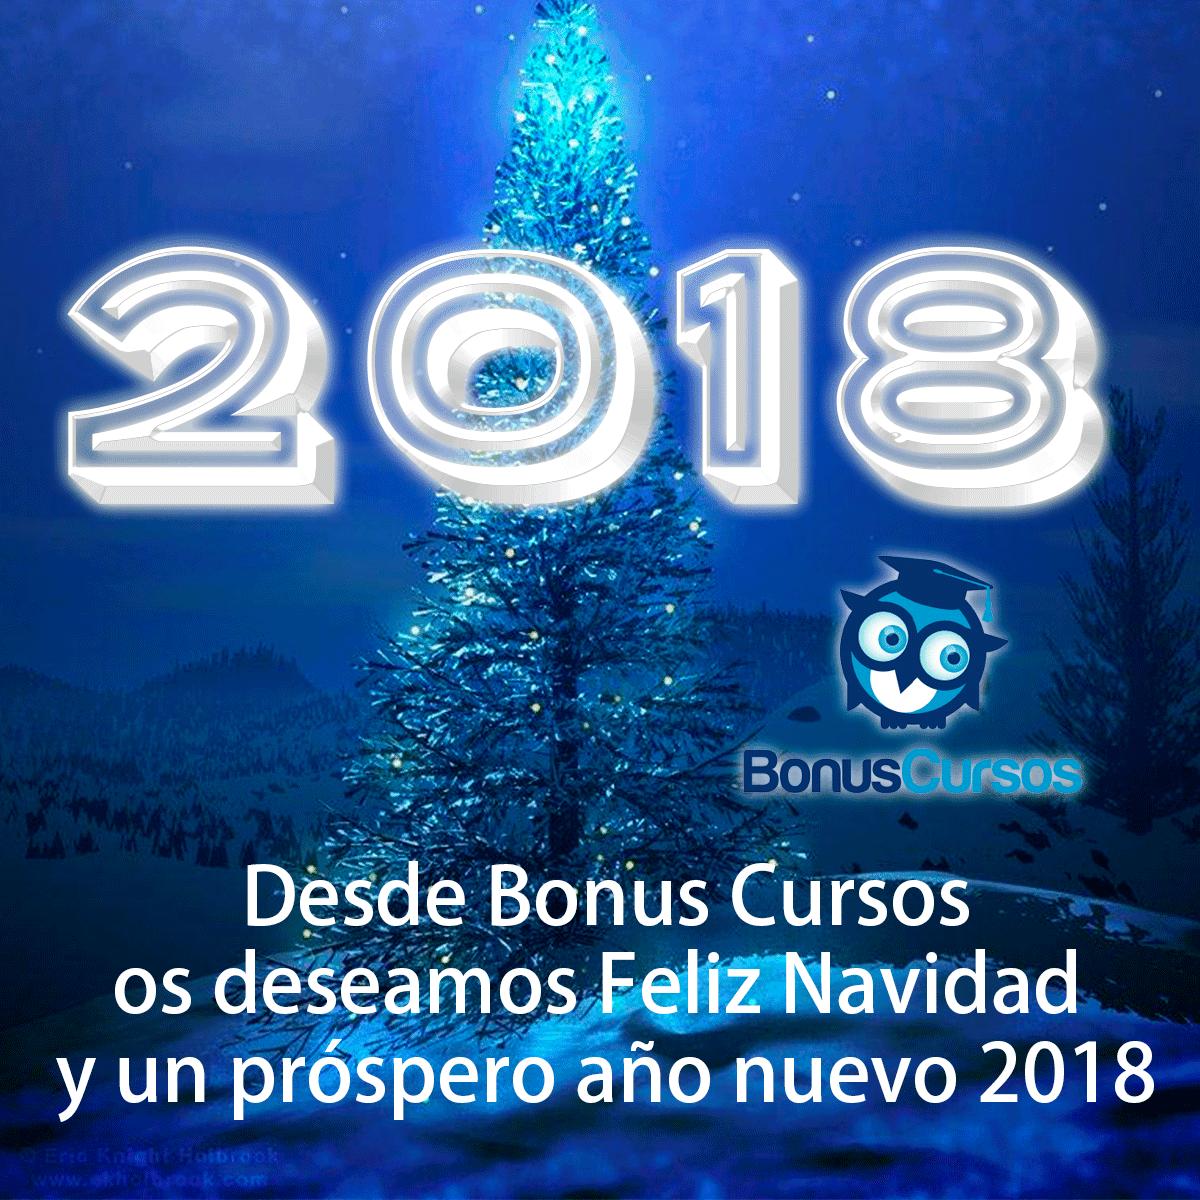 Feliz Navidad 2017   Feliz Navidad 2017 feliz navidad bonus cursos 2017